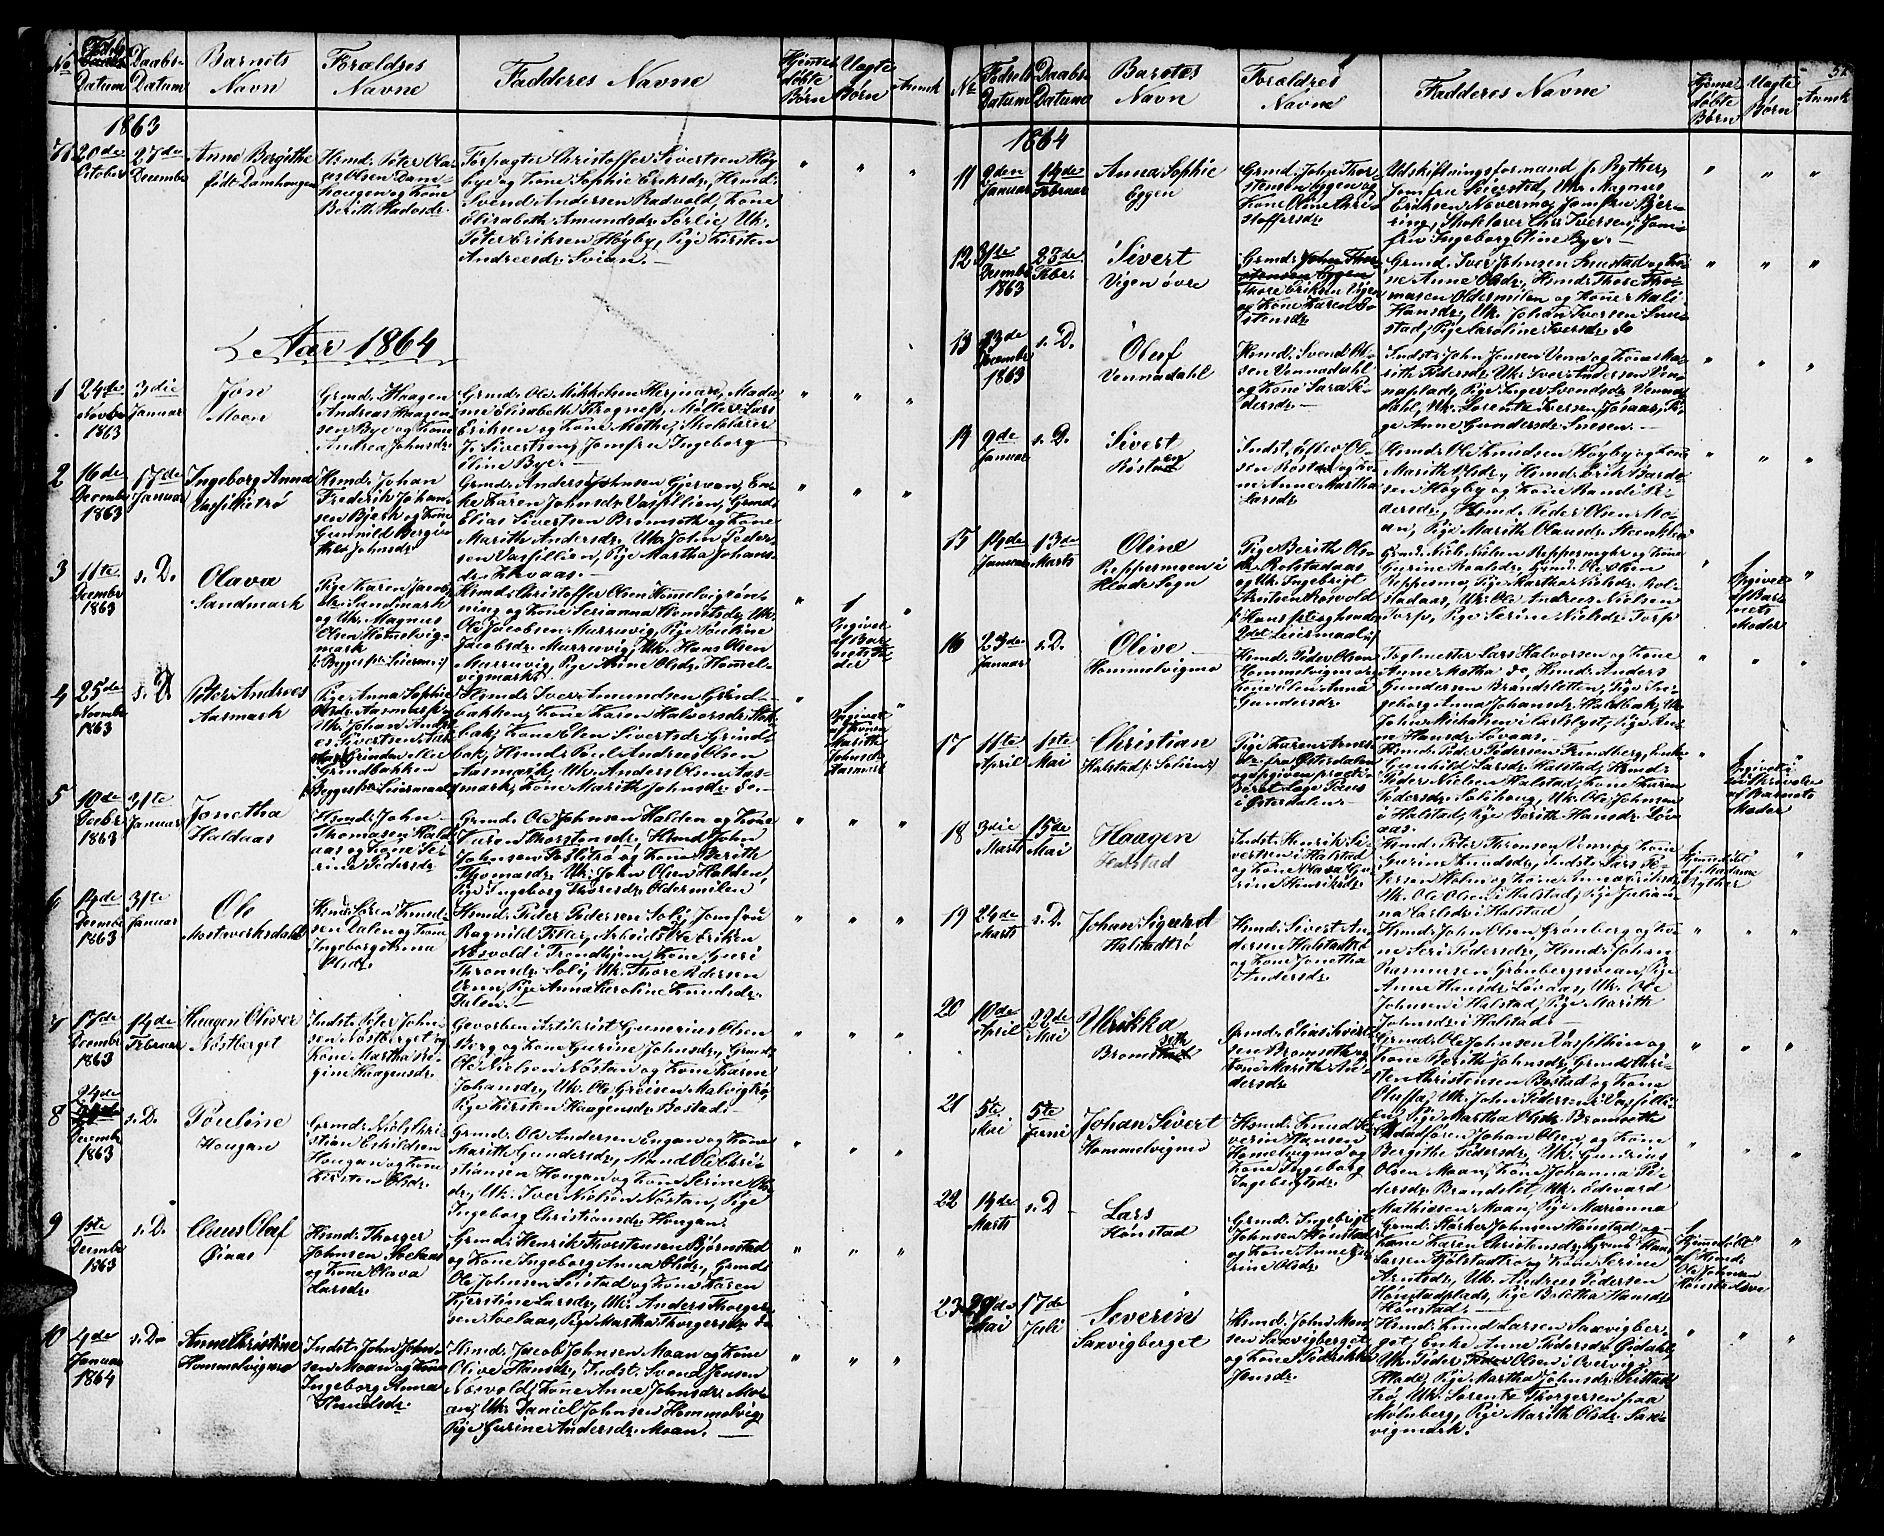 SAT, Ministerialprotokoller, klokkerbøker og fødselsregistre - Sør-Trøndelag, 616/L0422: Klokkerbok nr. 616C05, 1850-1888, s. 37